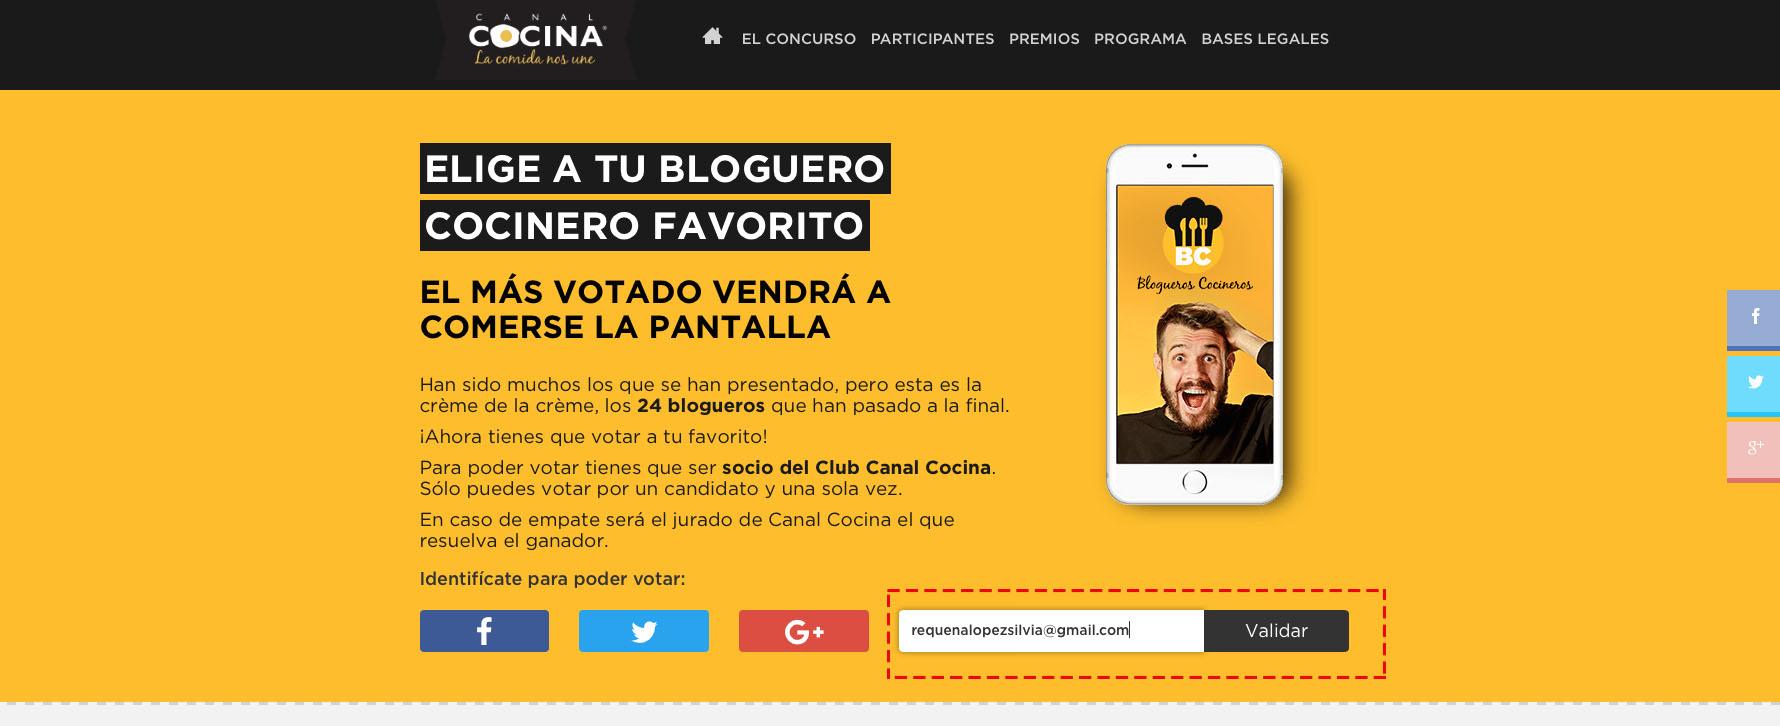 Somos finalistas en blogueros cocineros de canal cocina for Cocineros de canal cocina